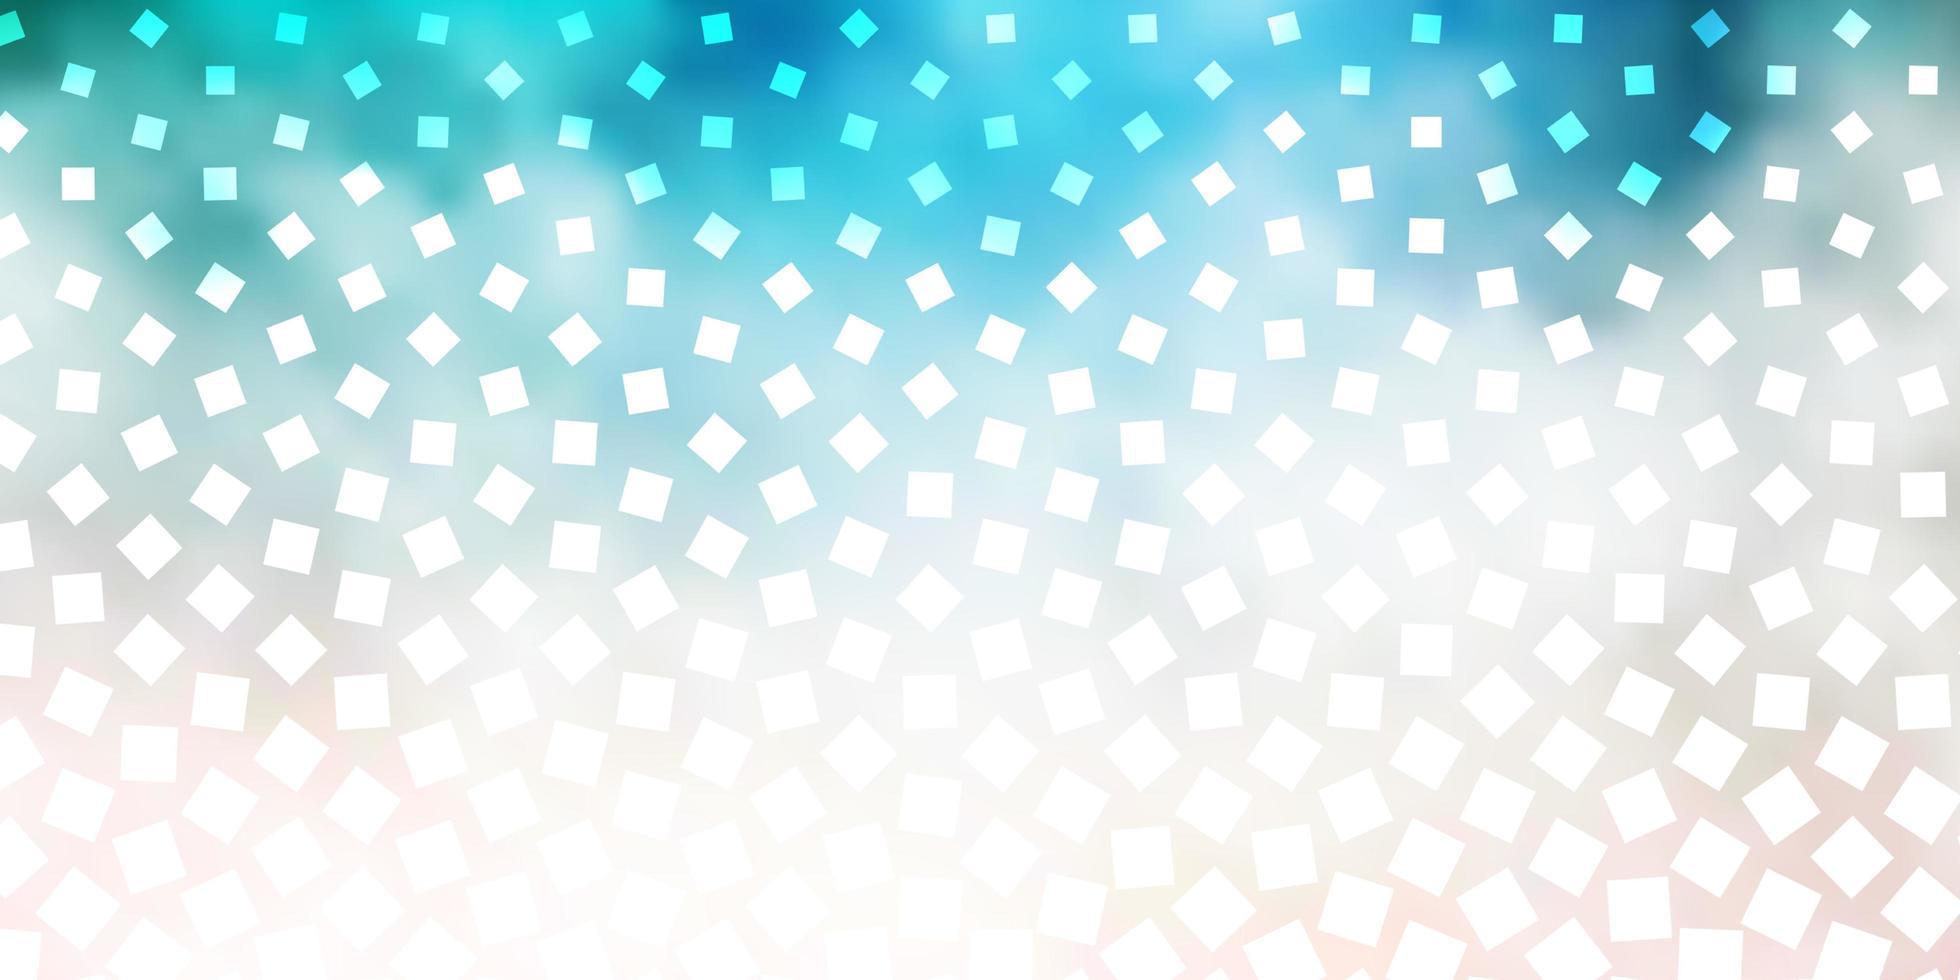 lichtroze, groene vectorachtergrond met rechthoeken. vector